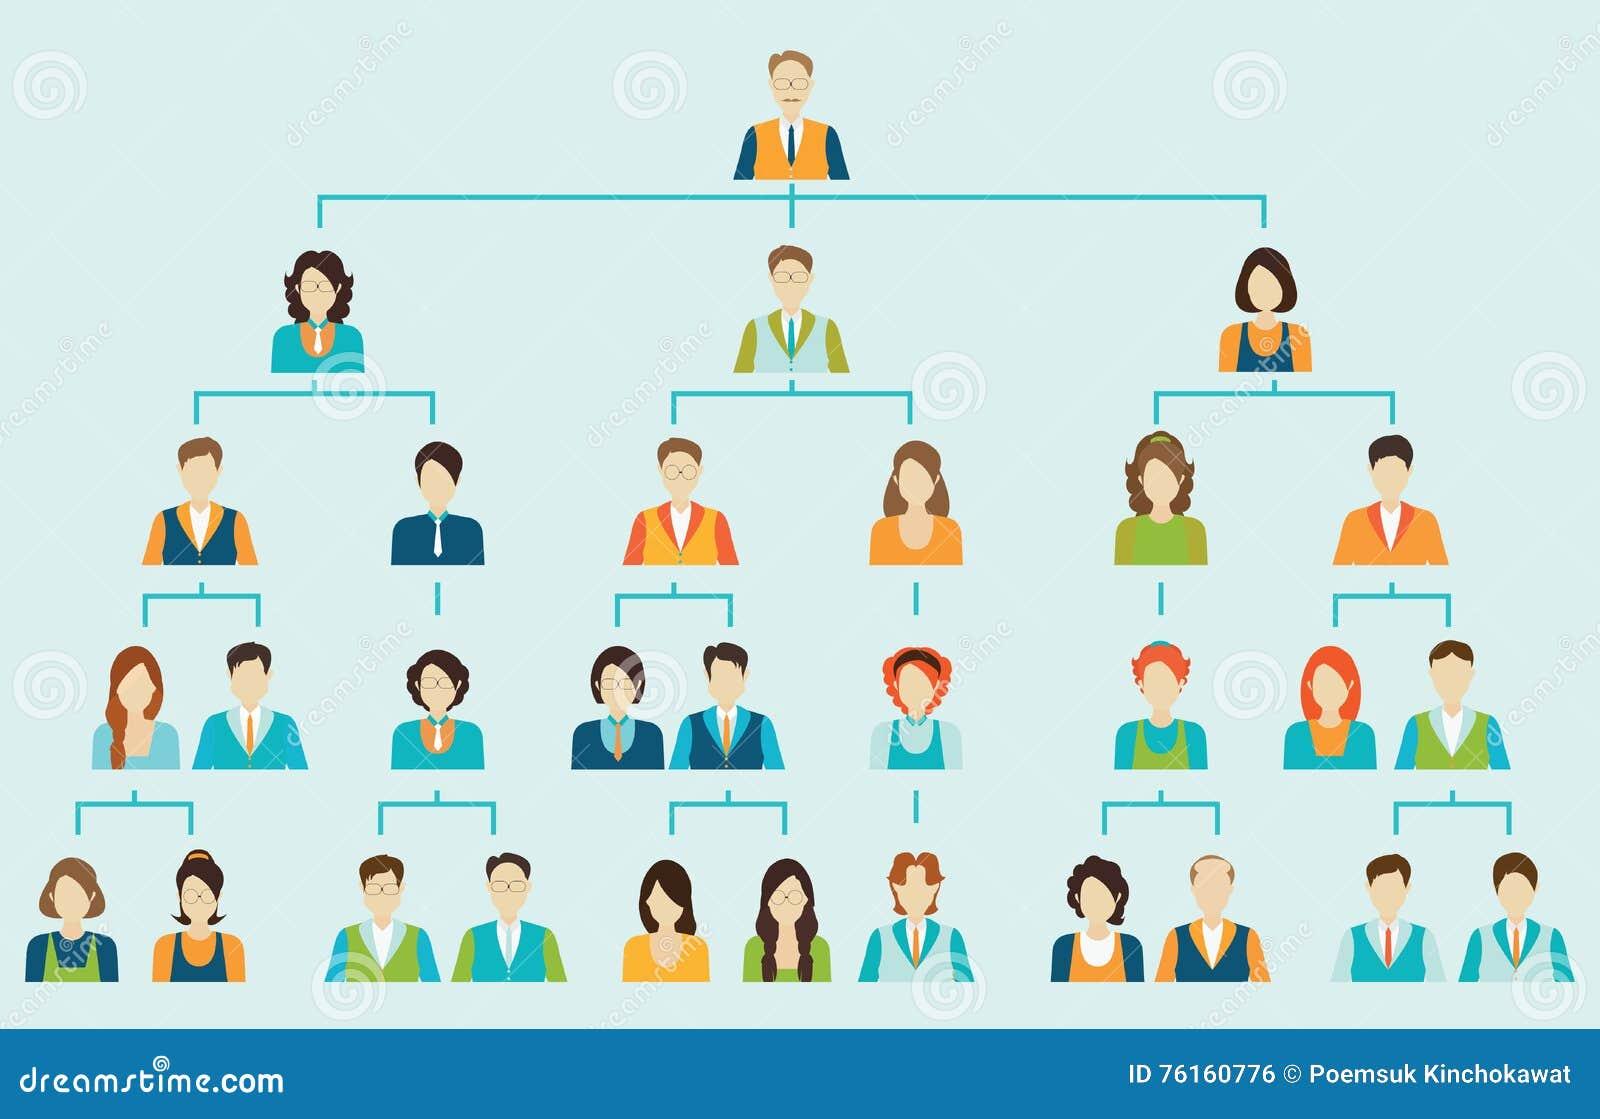 Иерархия корпоративного бизнеса организационной структуры